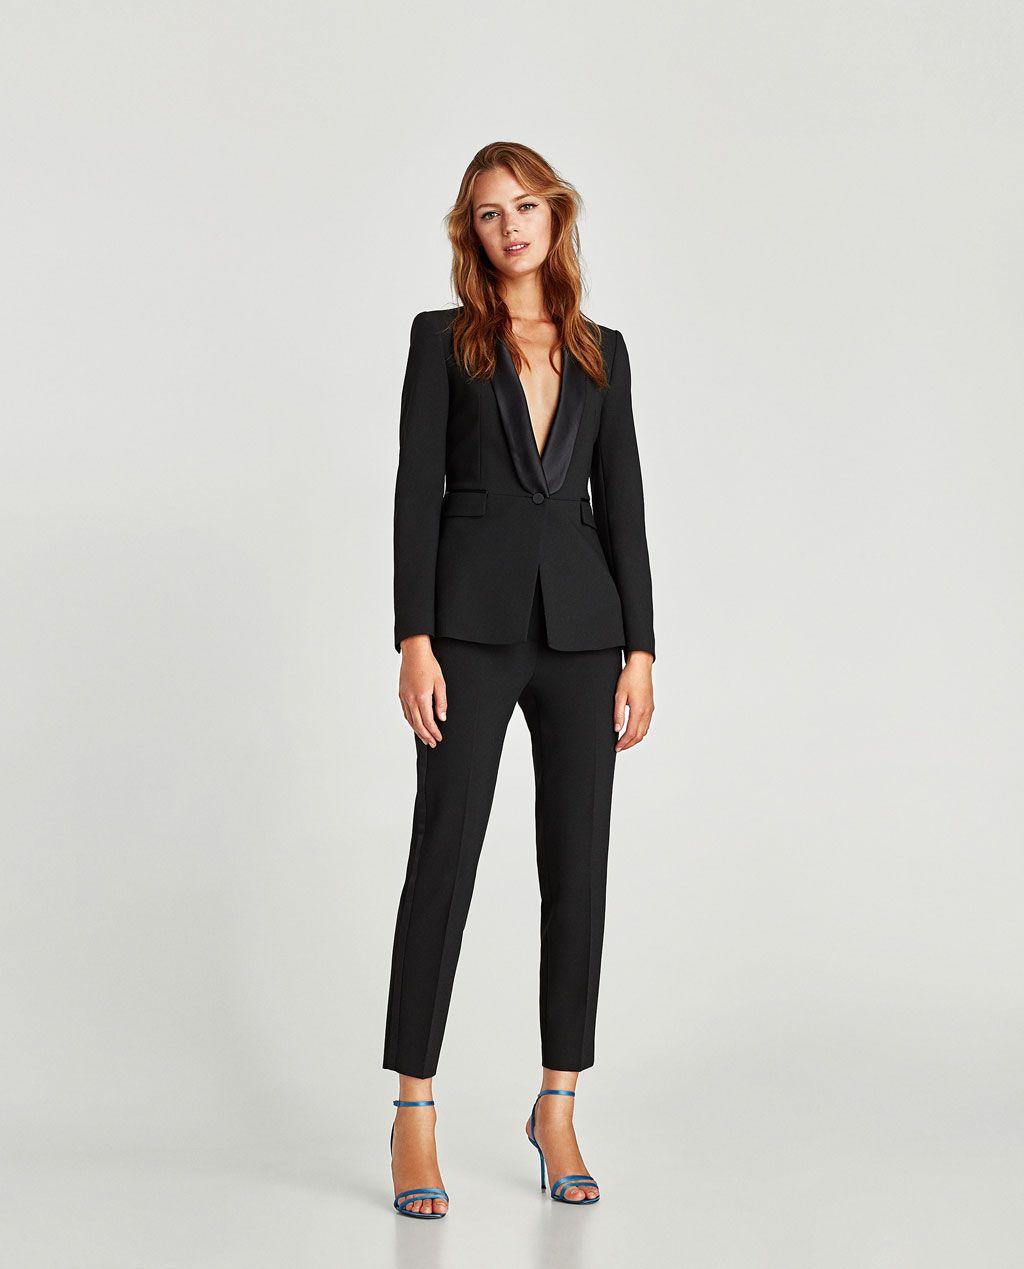 Black tuxedo blazer from Zara - 99.90 CAD | Business ...